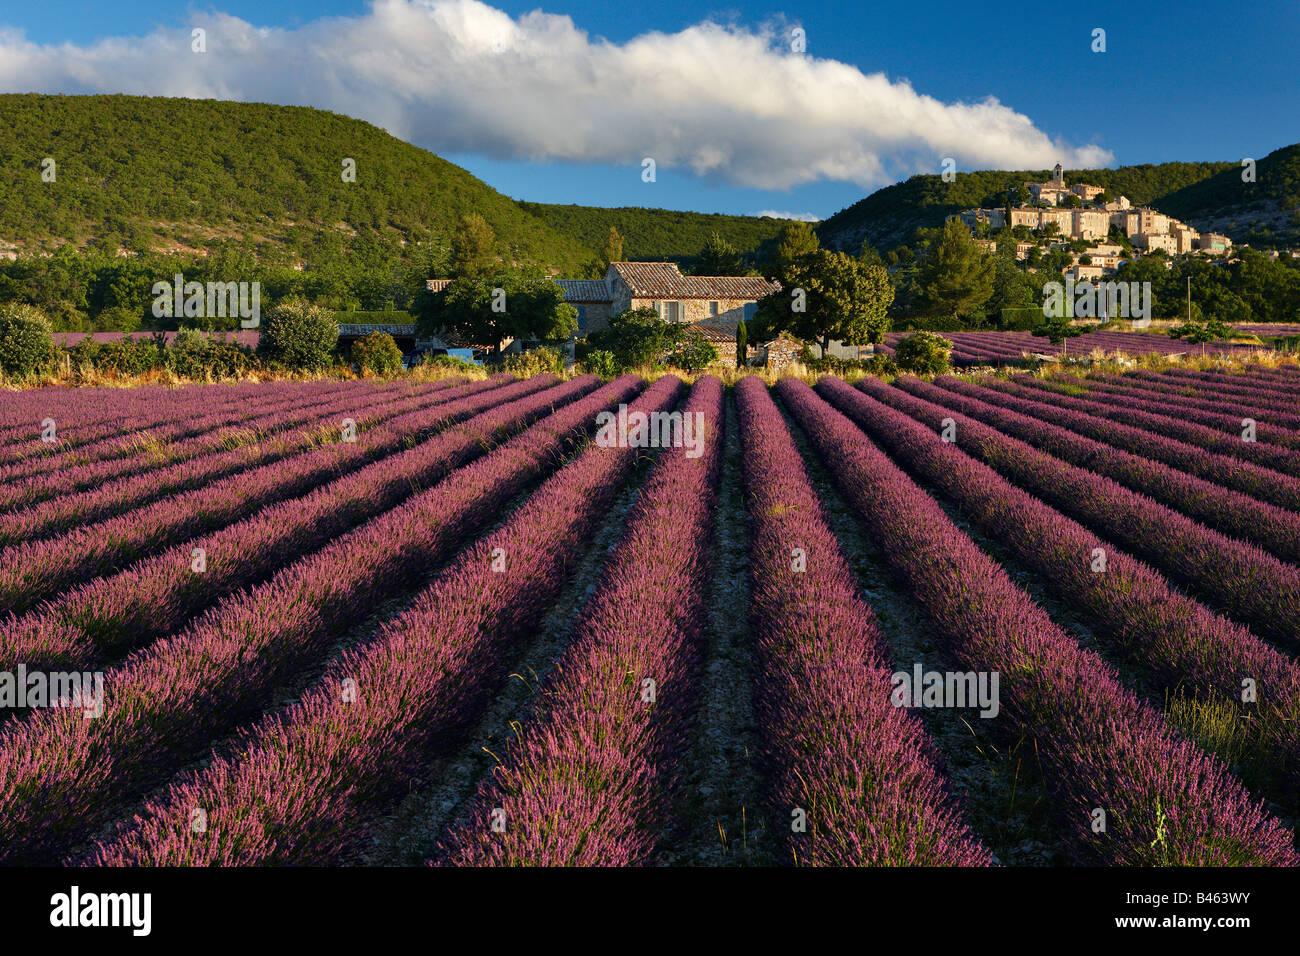 Un campo lila con la aldea de Banon más allá, Vaucluse, Provenza, Francia Imagen De Stock